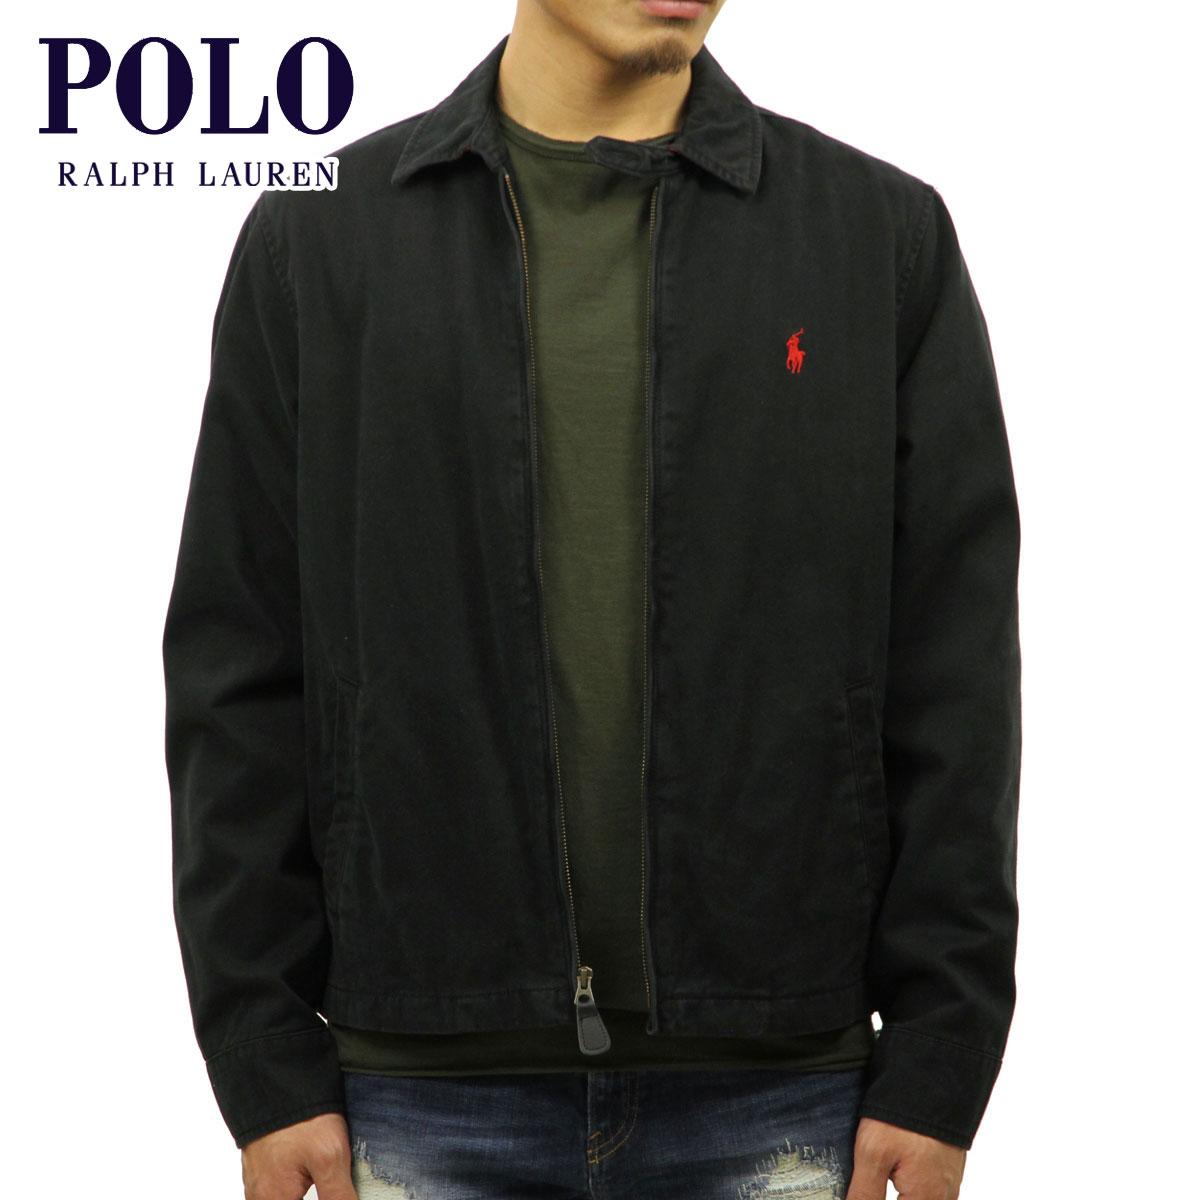 ポロ ラルフローレン POLO RALPH LAUREN 正規品 メンズ アウタージャケット Swing Top Jacket D00S20